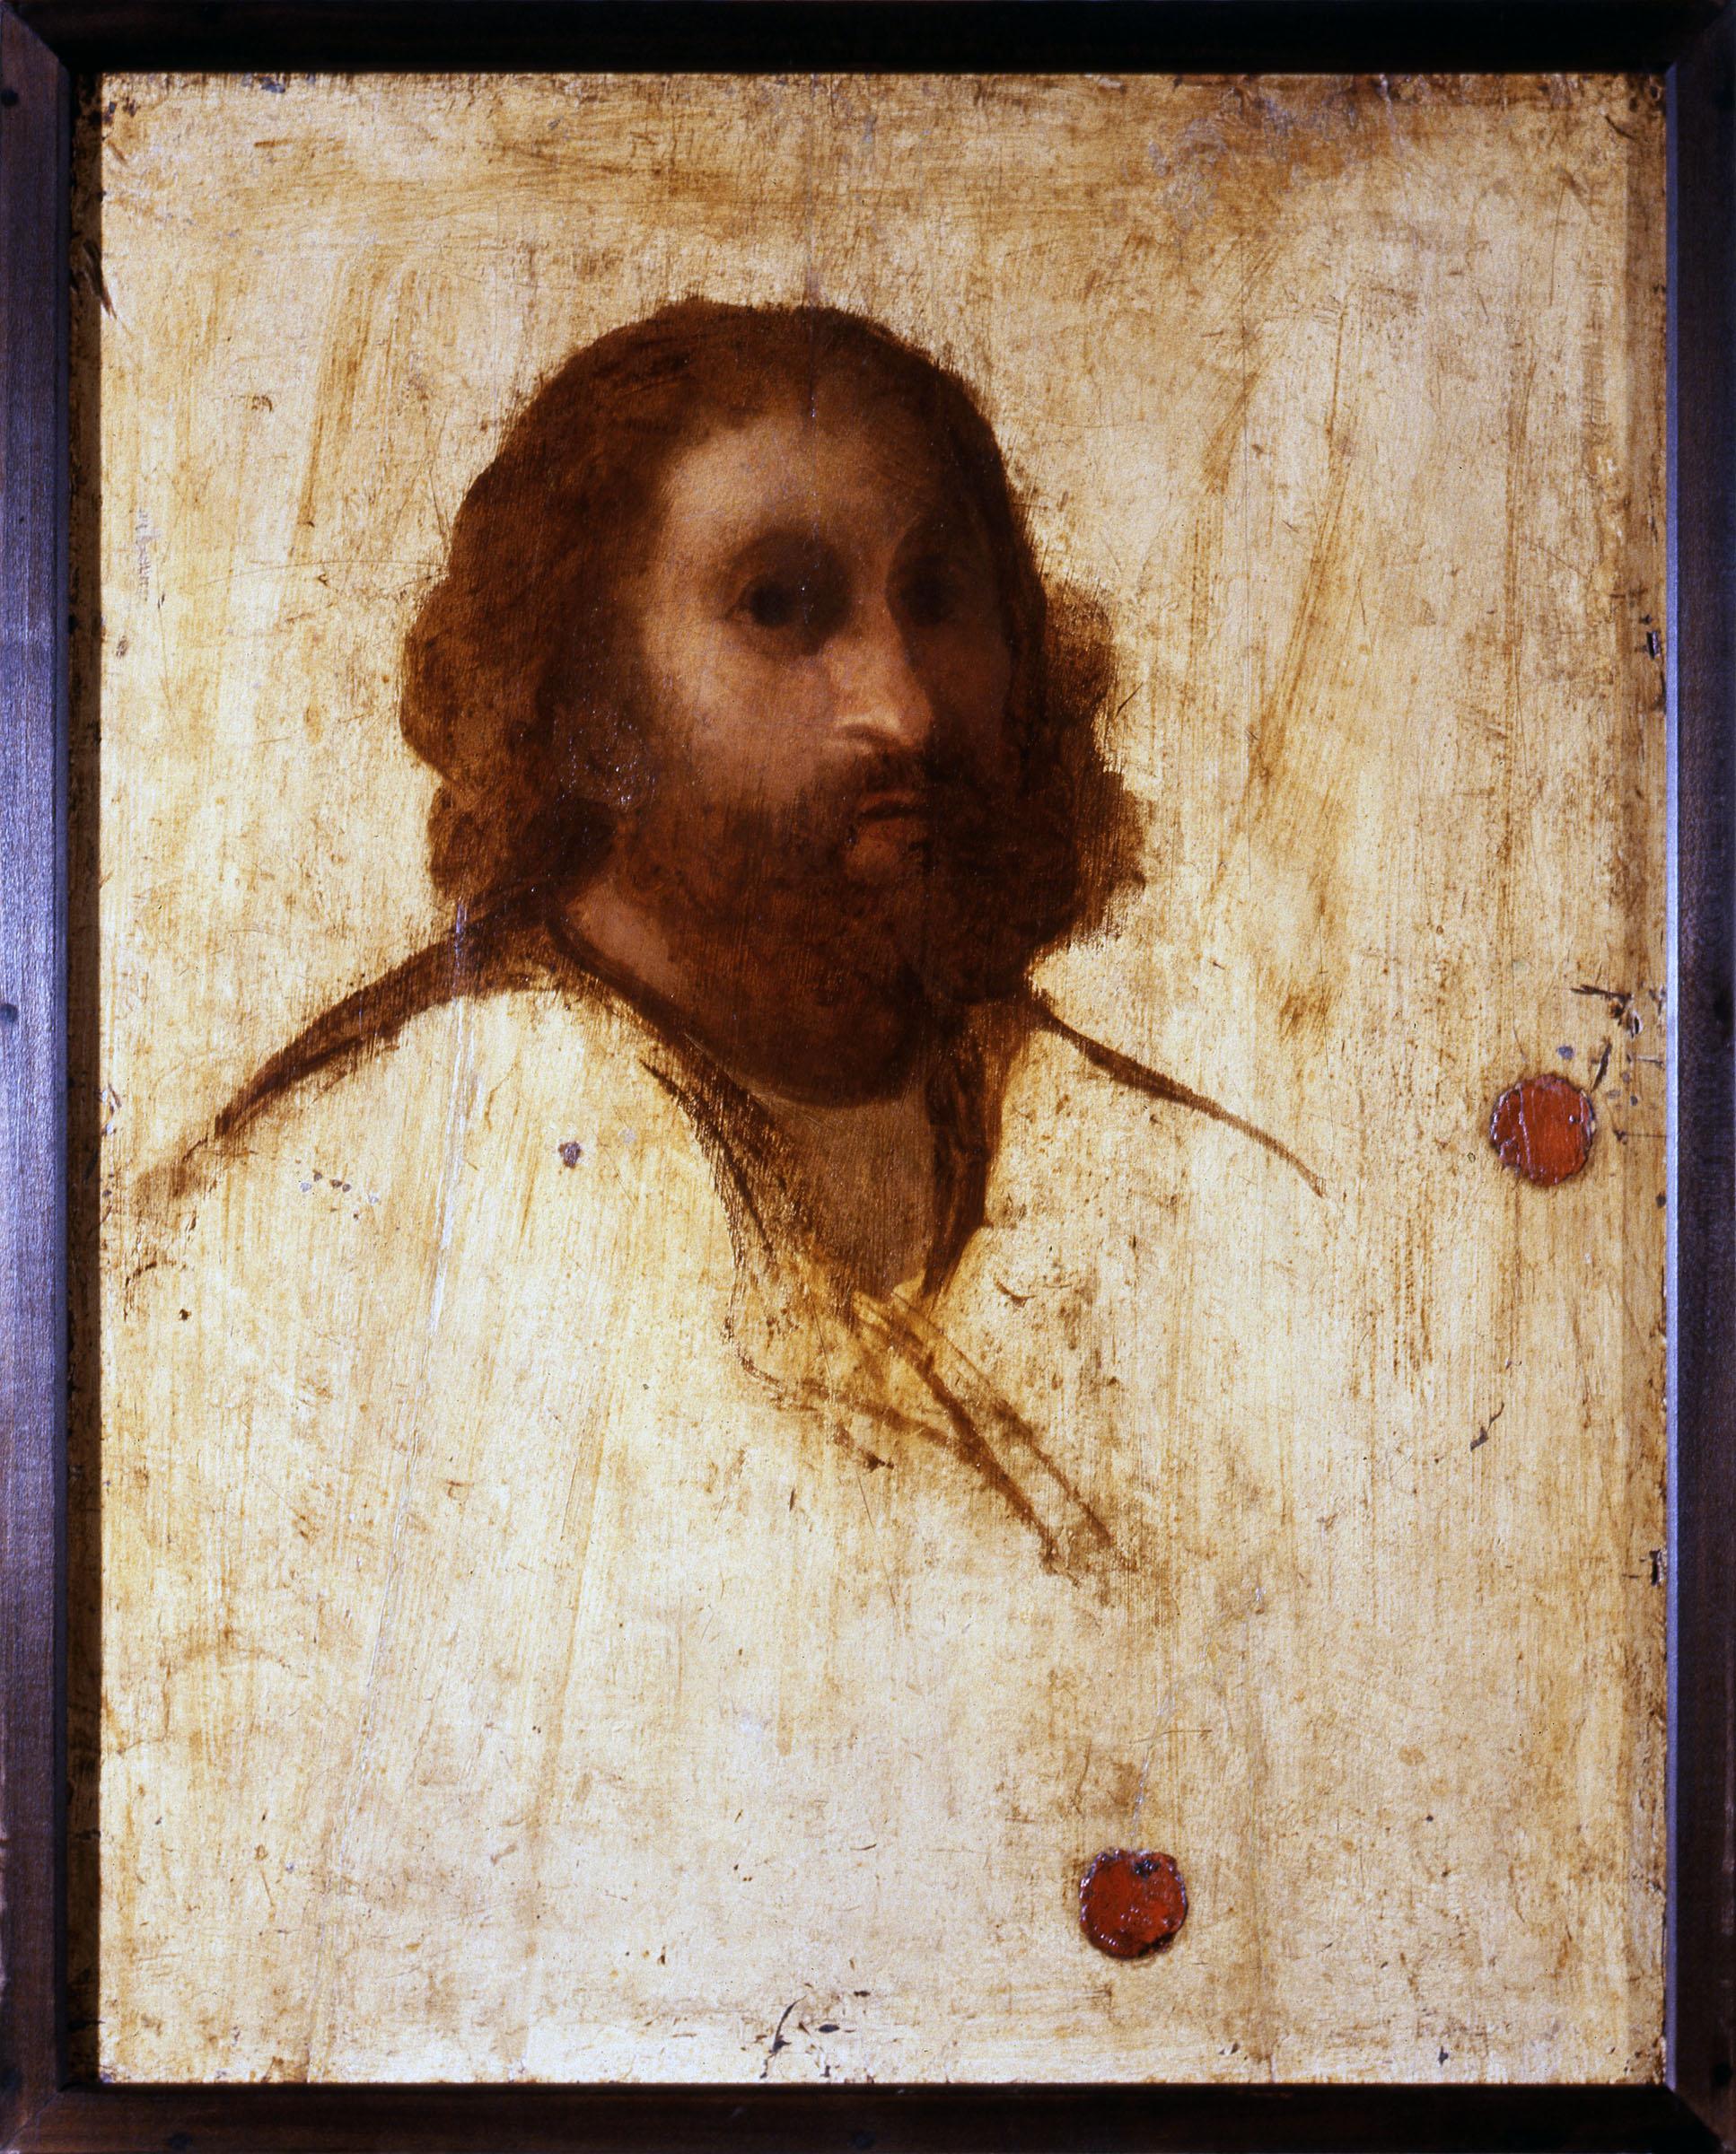 JACOPO PALMA IL VECCHIO (Serina 1480 - Venezia 1528); Verso: Autoritratto? 1515 circa Inv. 1890 n. 10094 Olio su tavola s.c. 67 x 54 cm c.c. 70 x 56,5 cm Galleria degli Uffizi